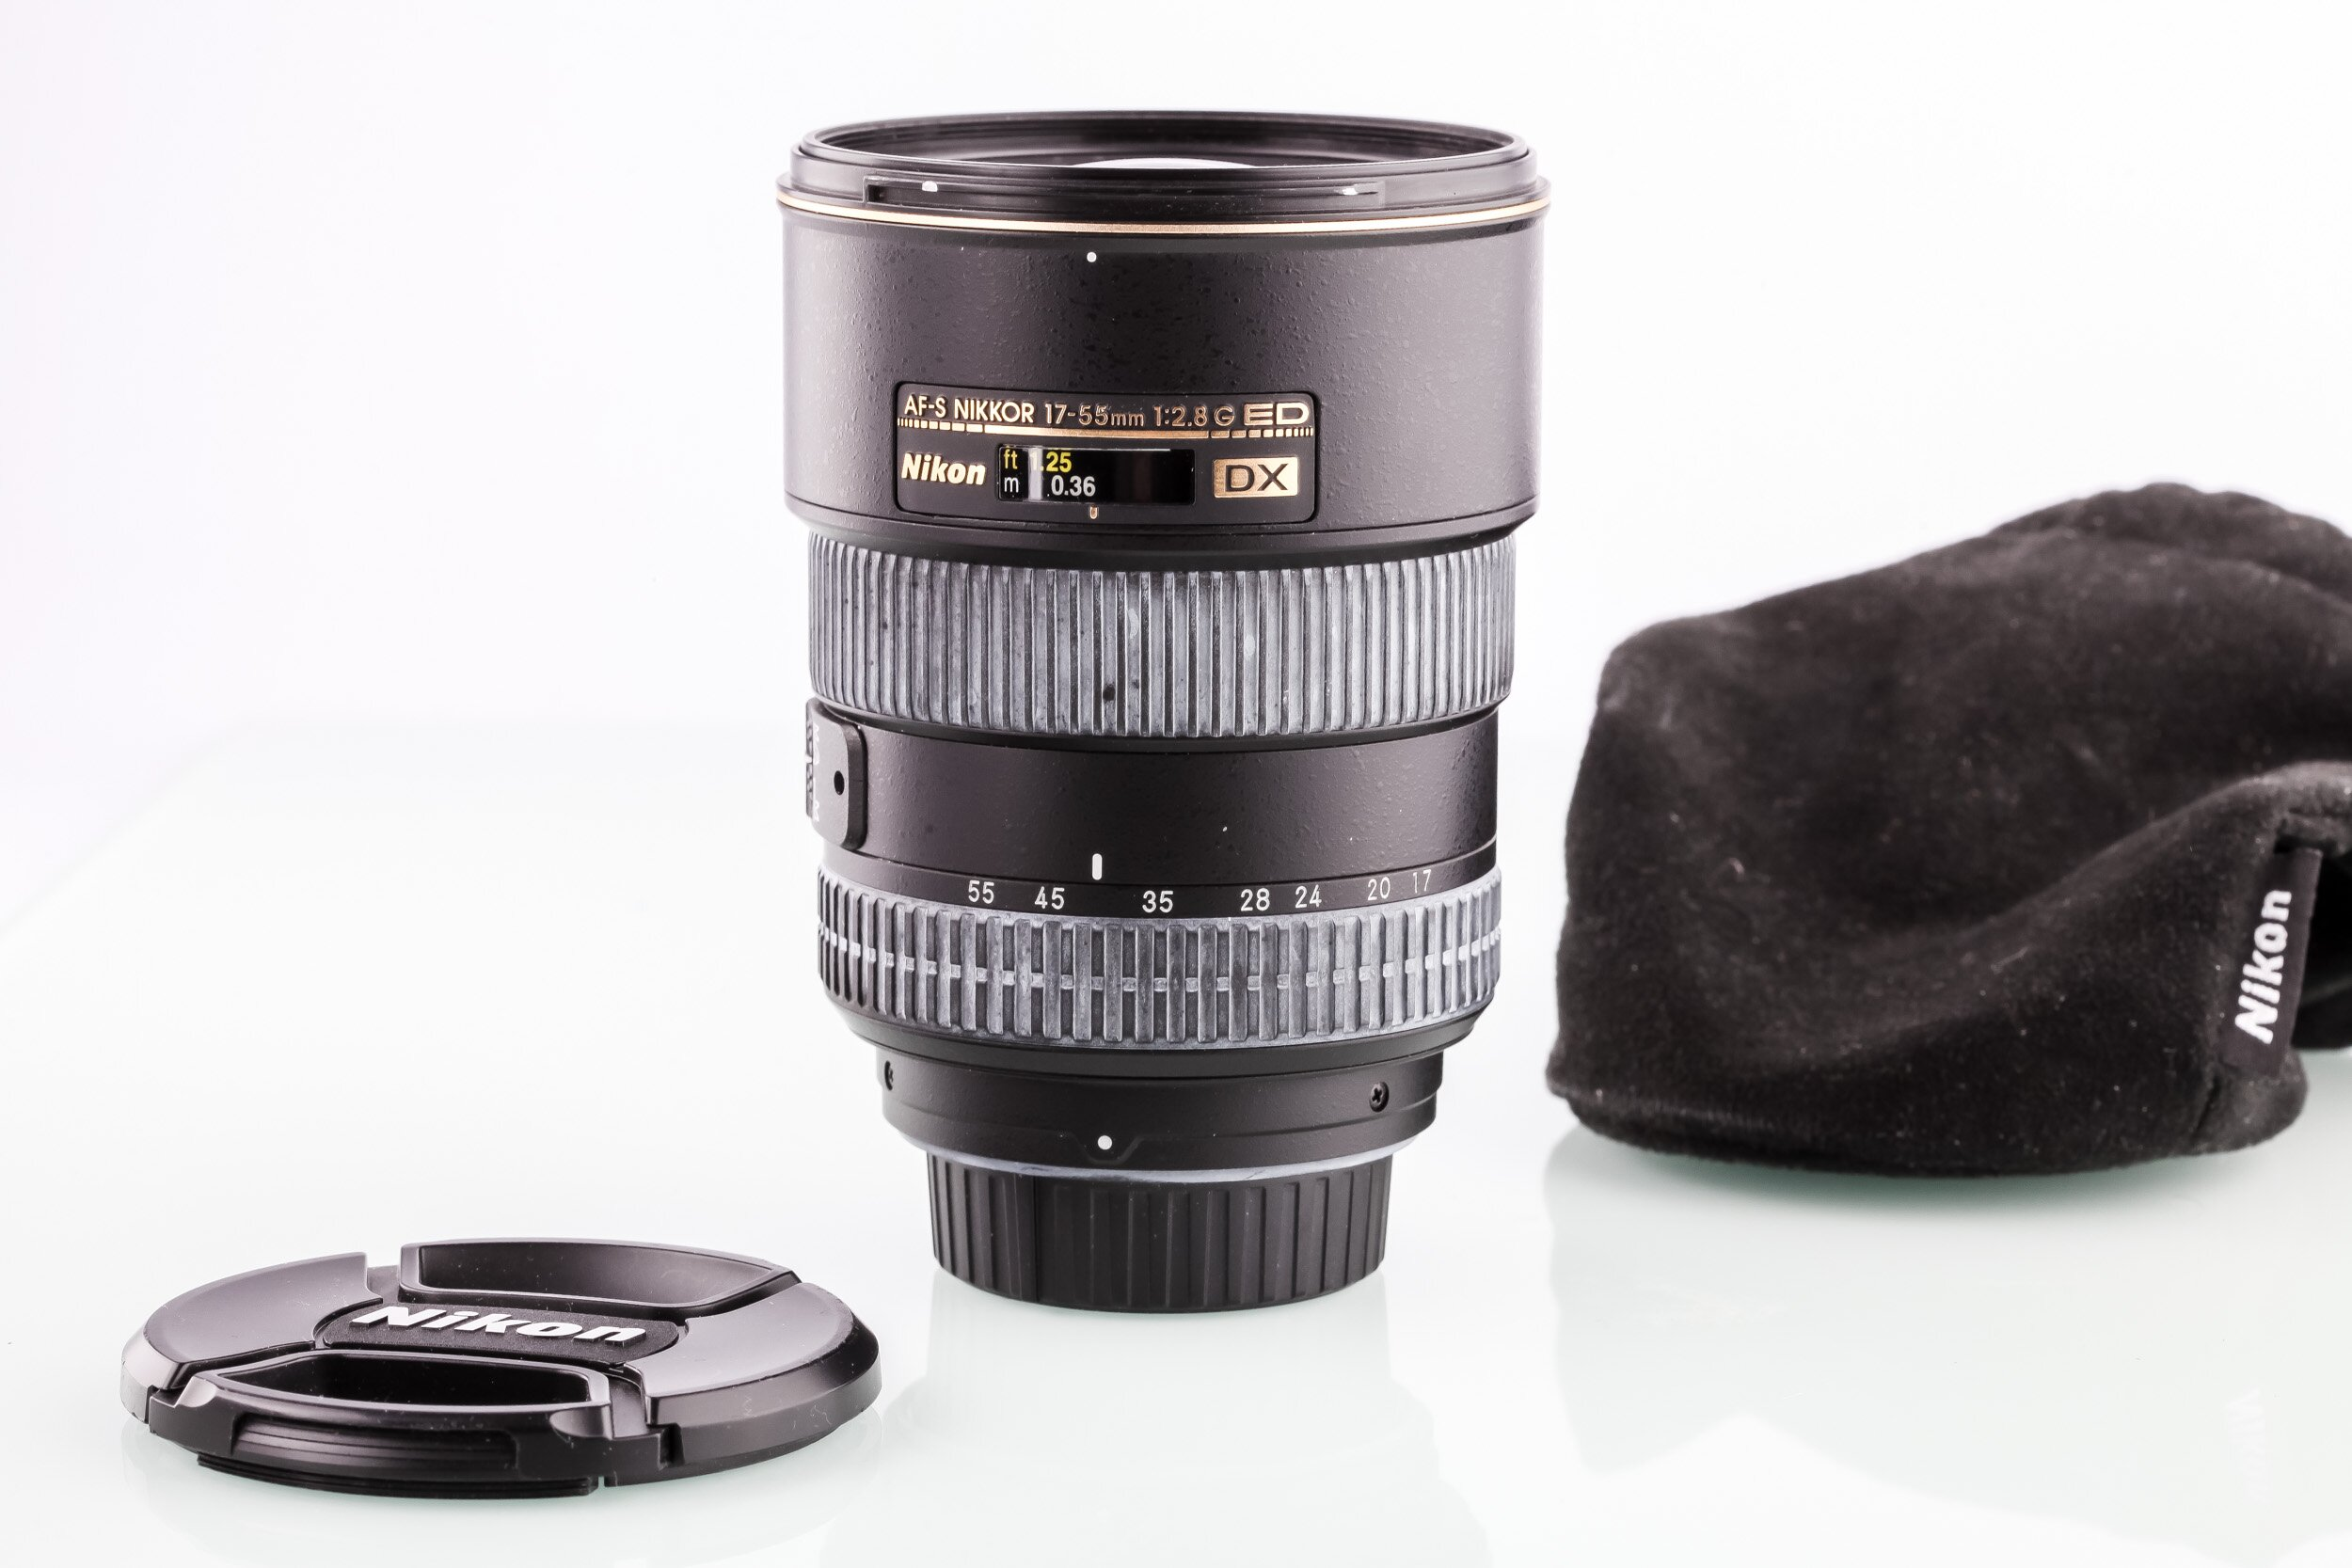 Nikon AF-S Nikkor 17-55mm 2,8 G ED DX